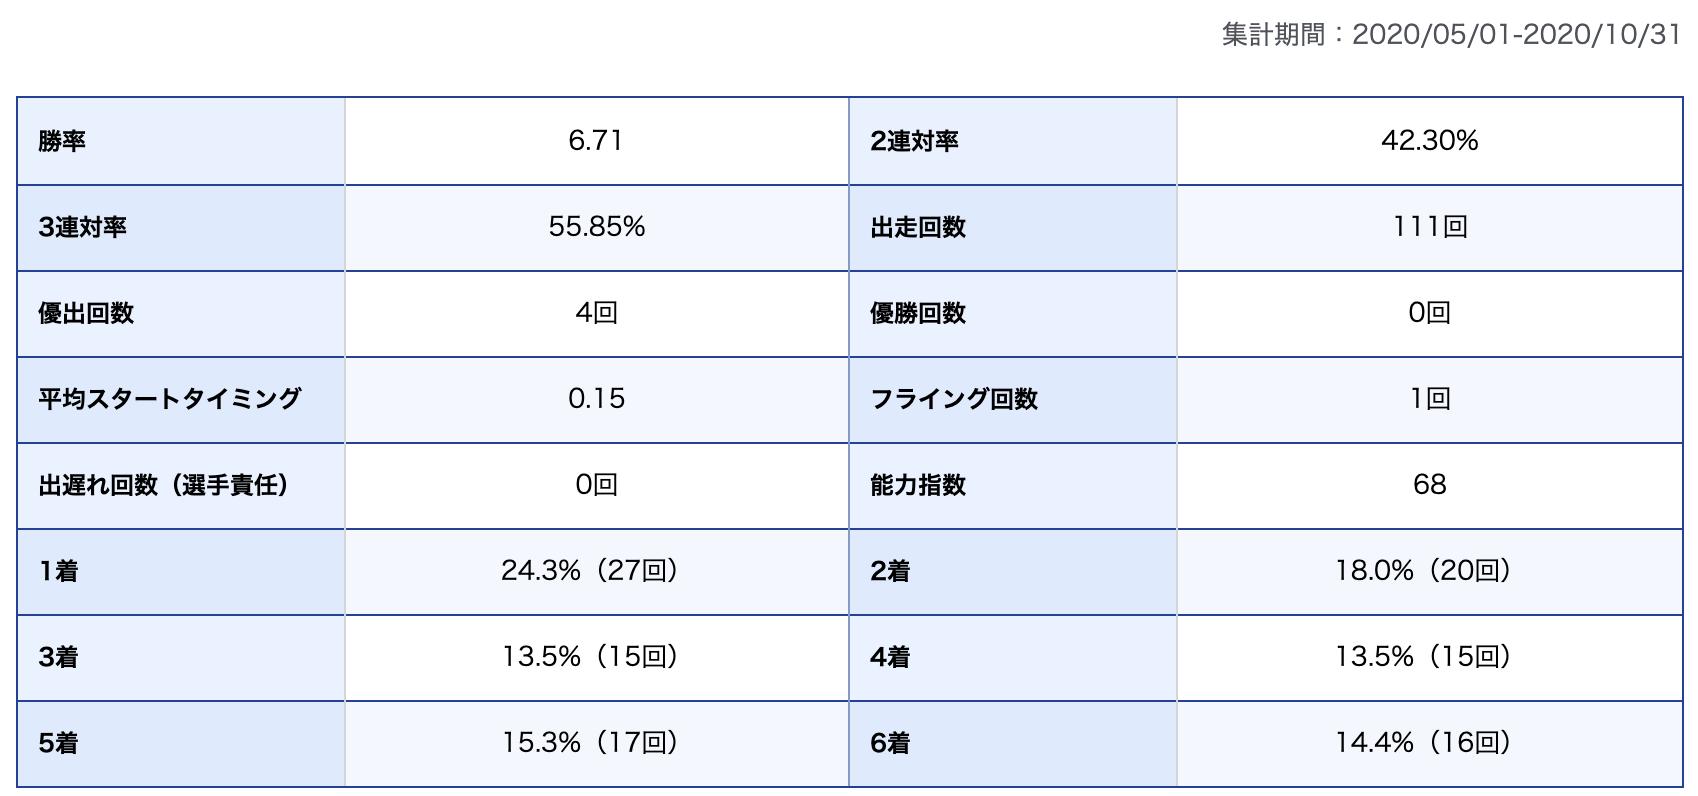 田村隆信選手期別成績